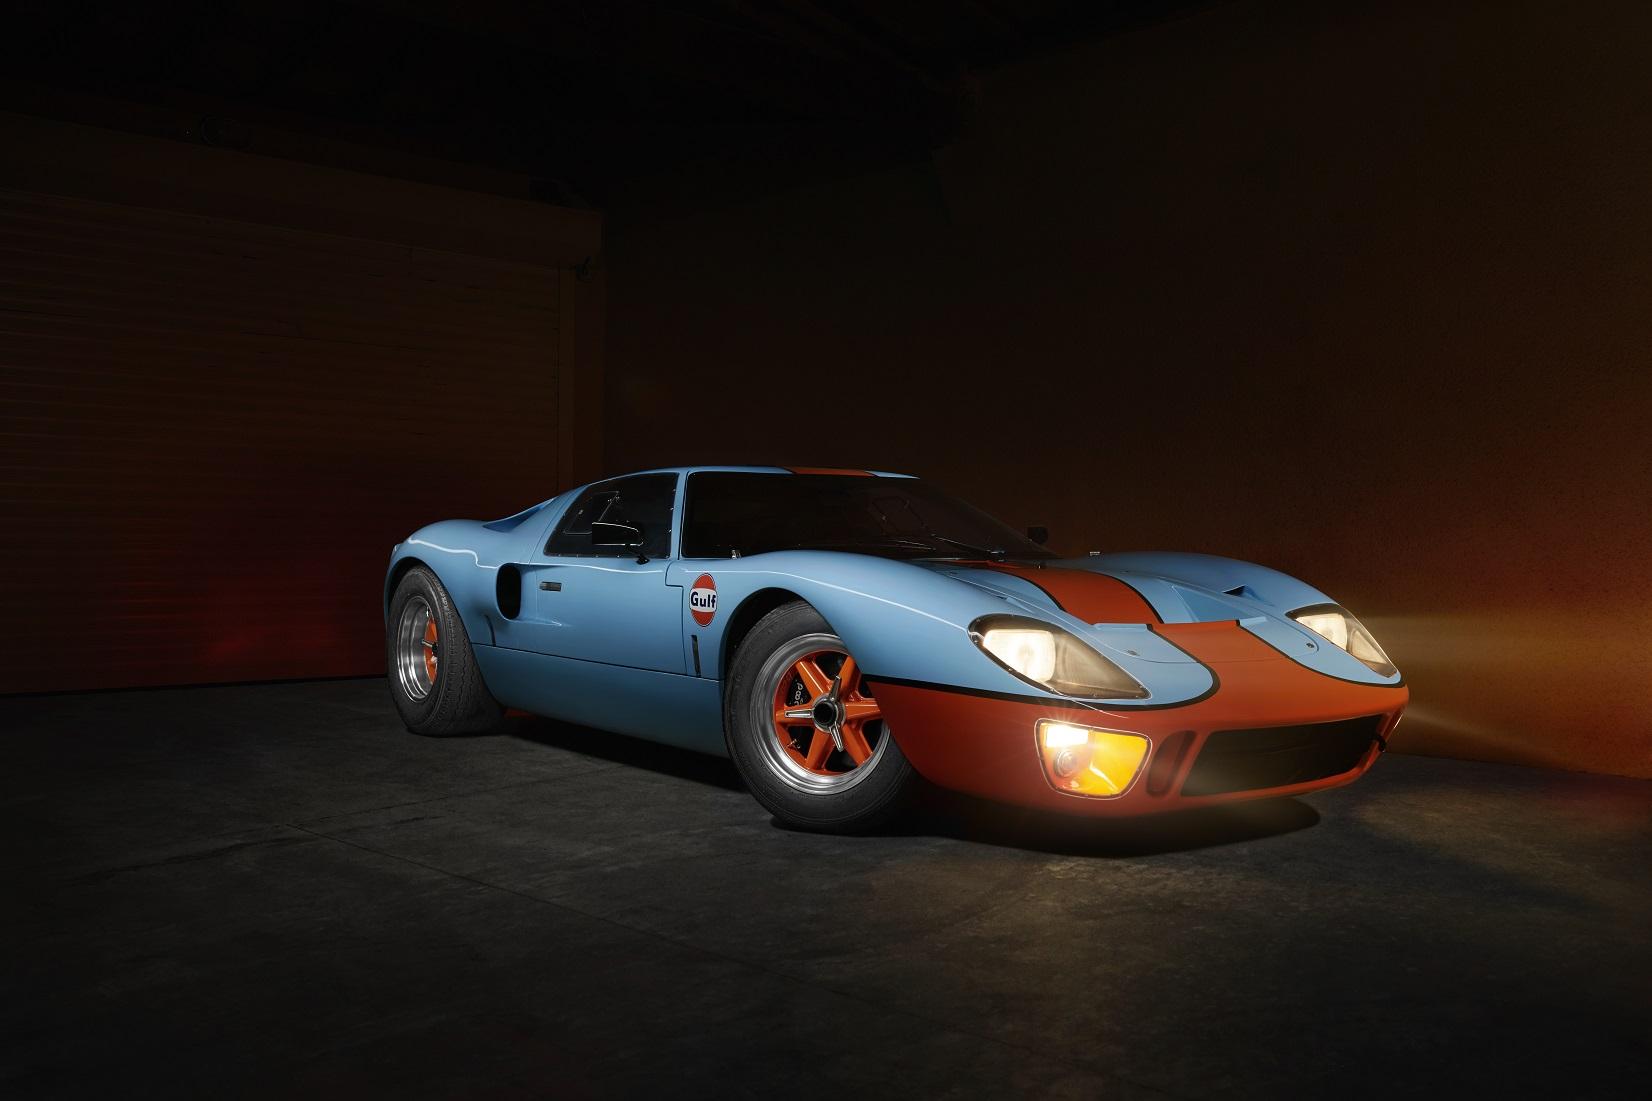 GT40_3QUART_AVANT (3)forum.jpg